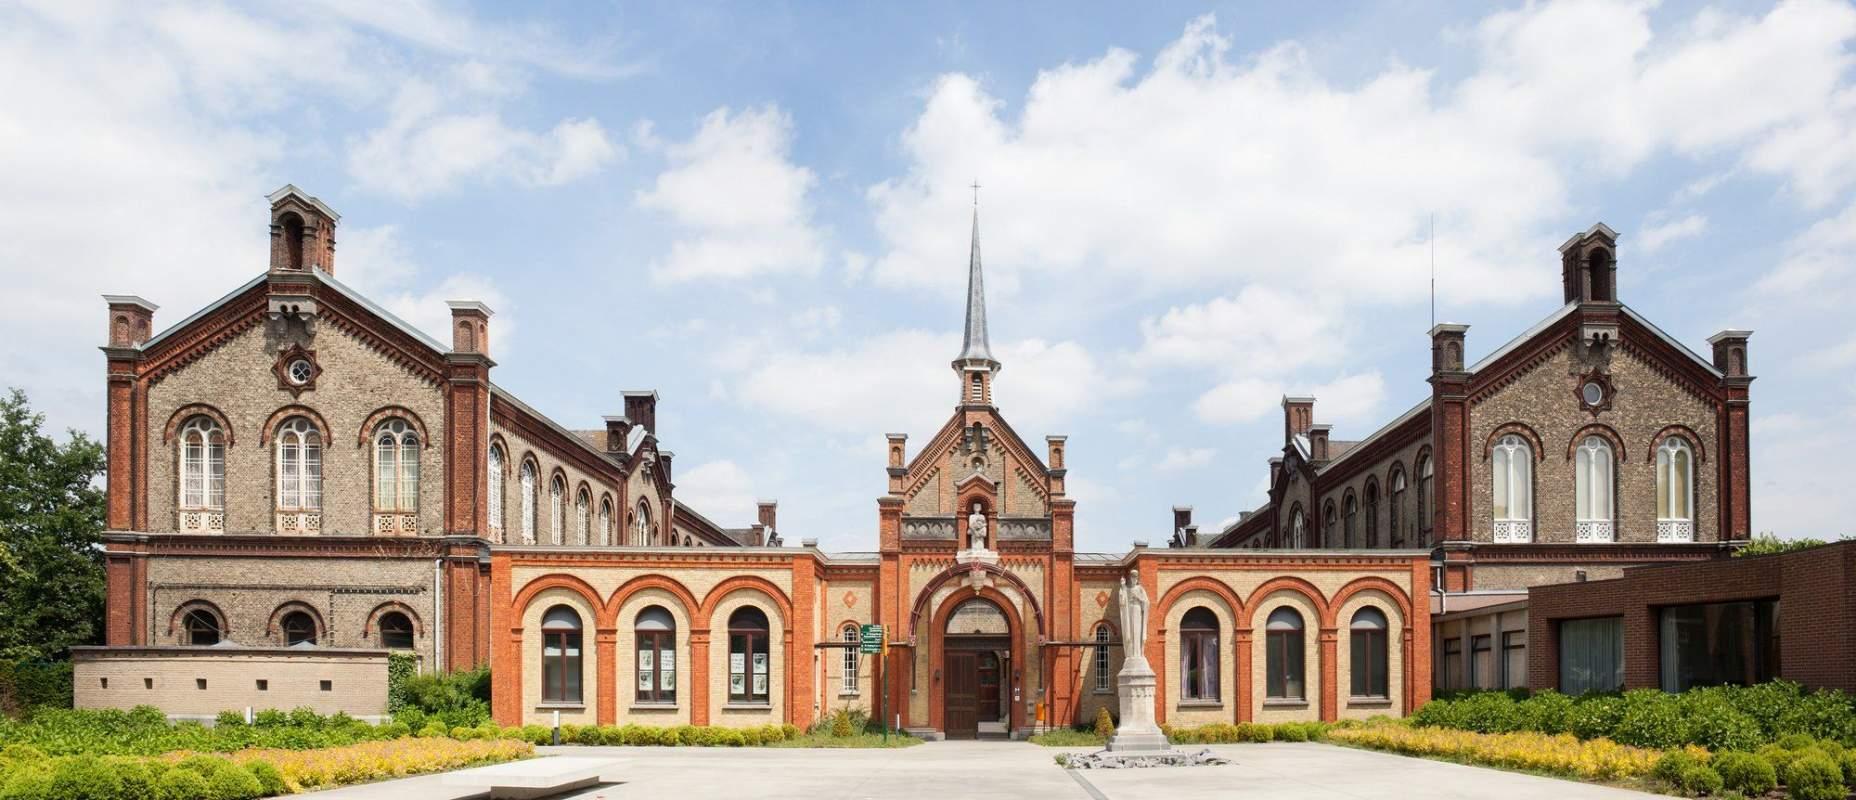 S Museum Dr Guislain 3810 11